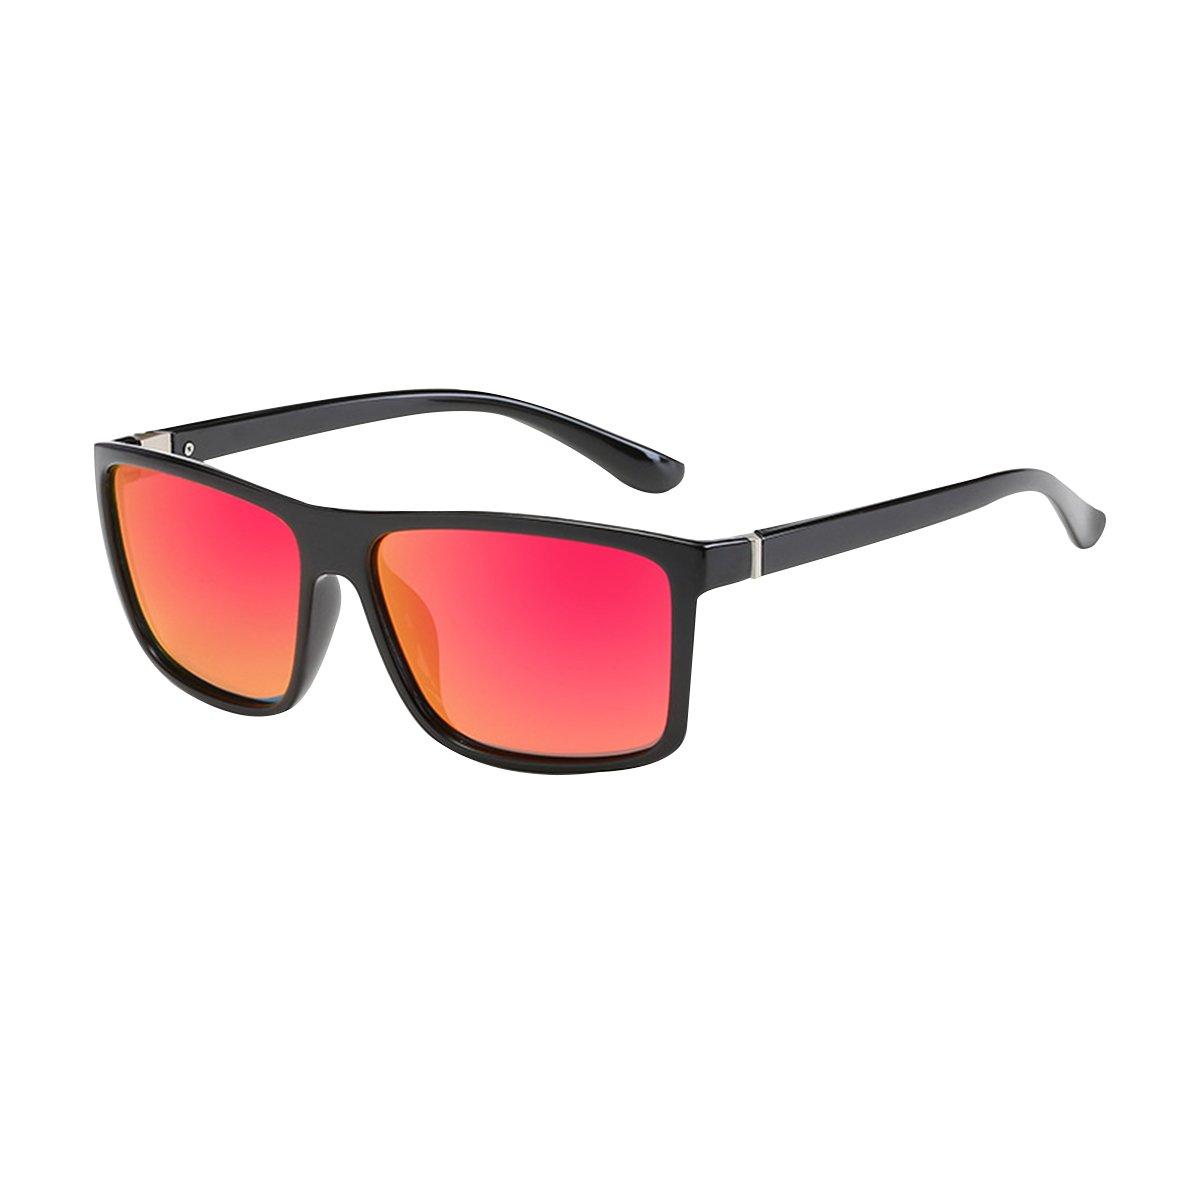 BVAGSS Polarizzate Occhiali da Sole da Uomo UV400 Protezione Anti-Riflesso Specchio Del Driver WS021 ws021-Blue